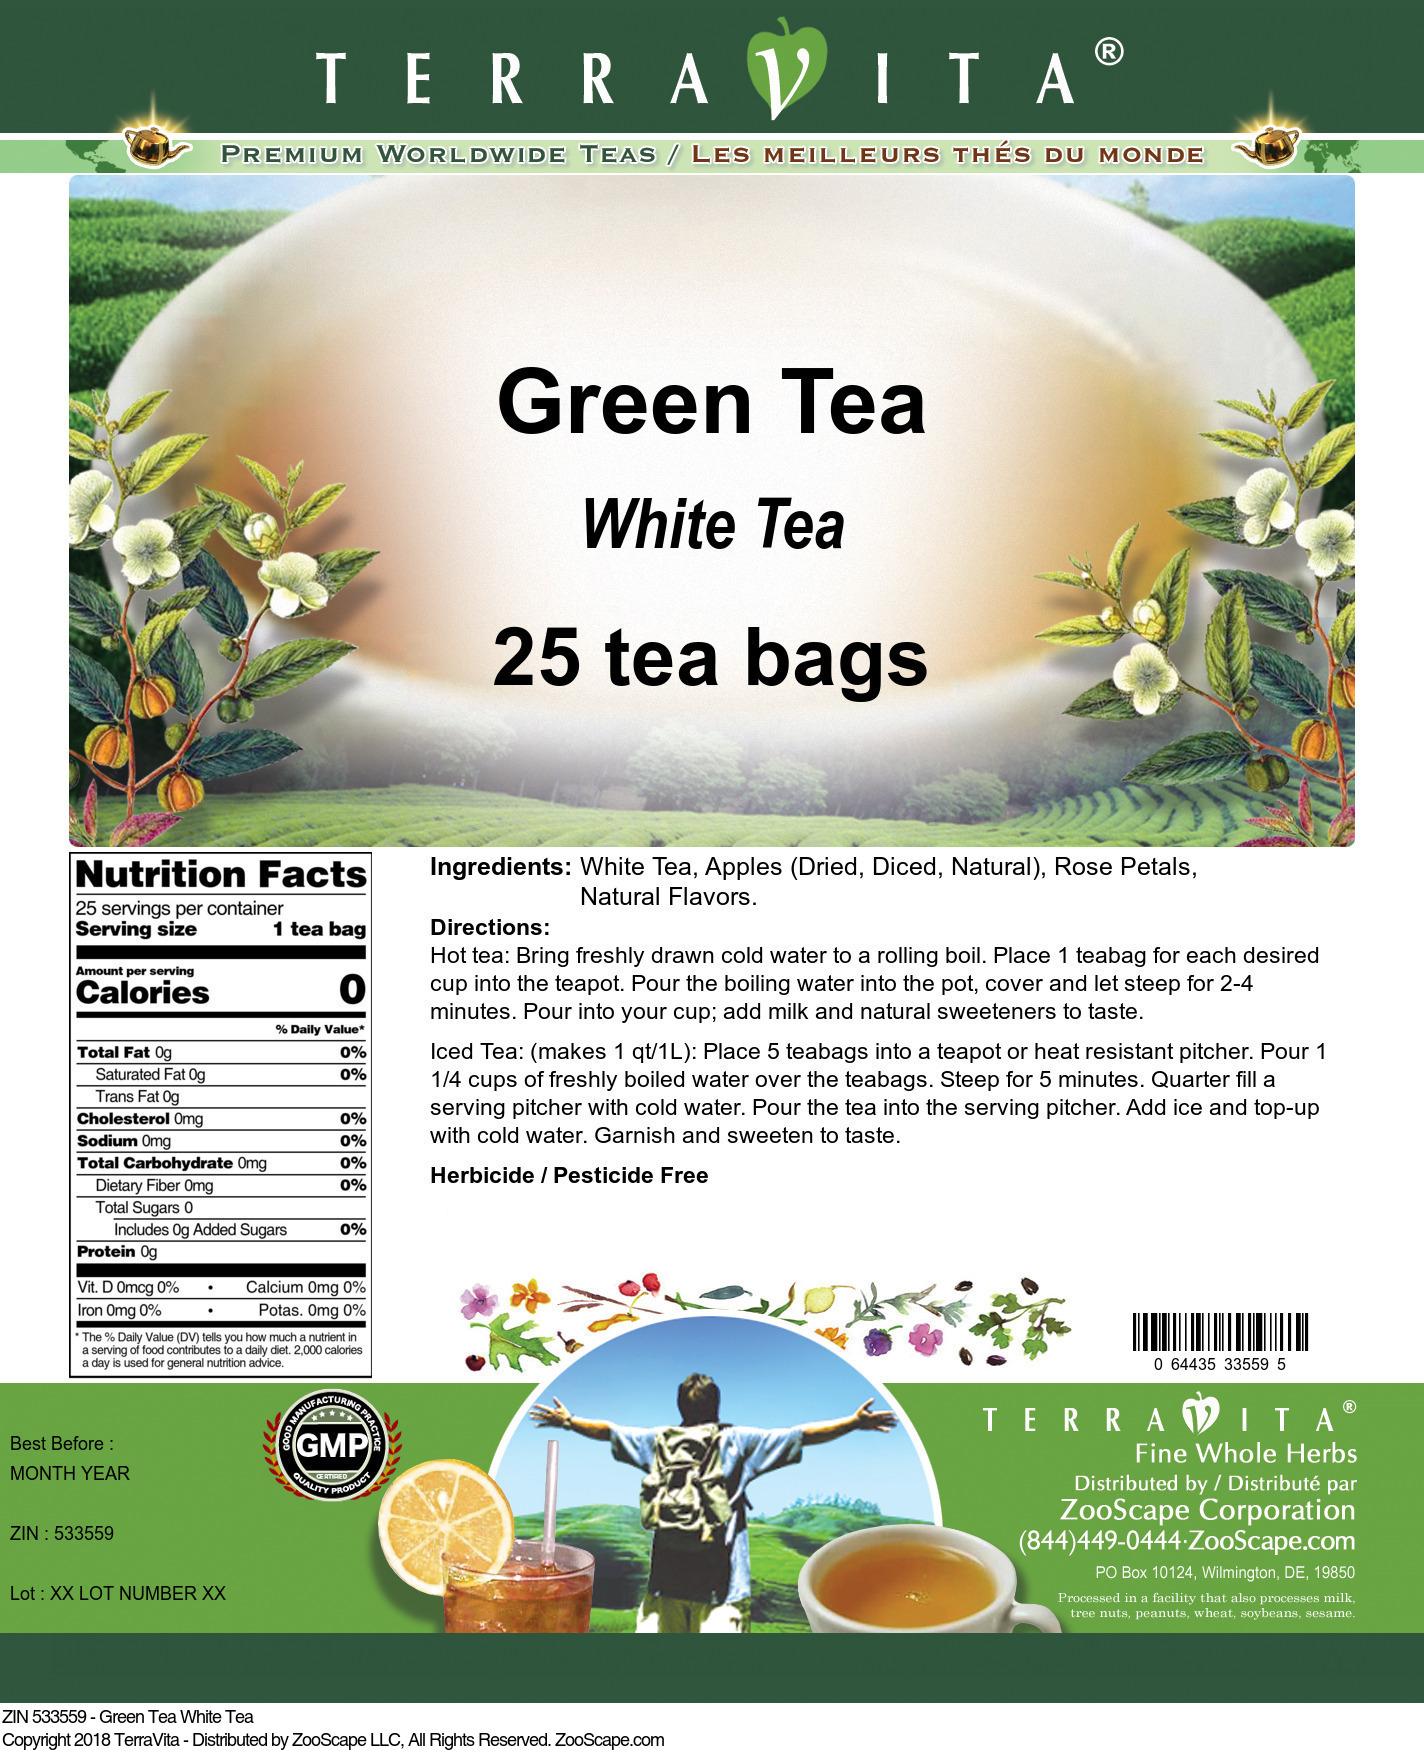 Green Tea White Tea